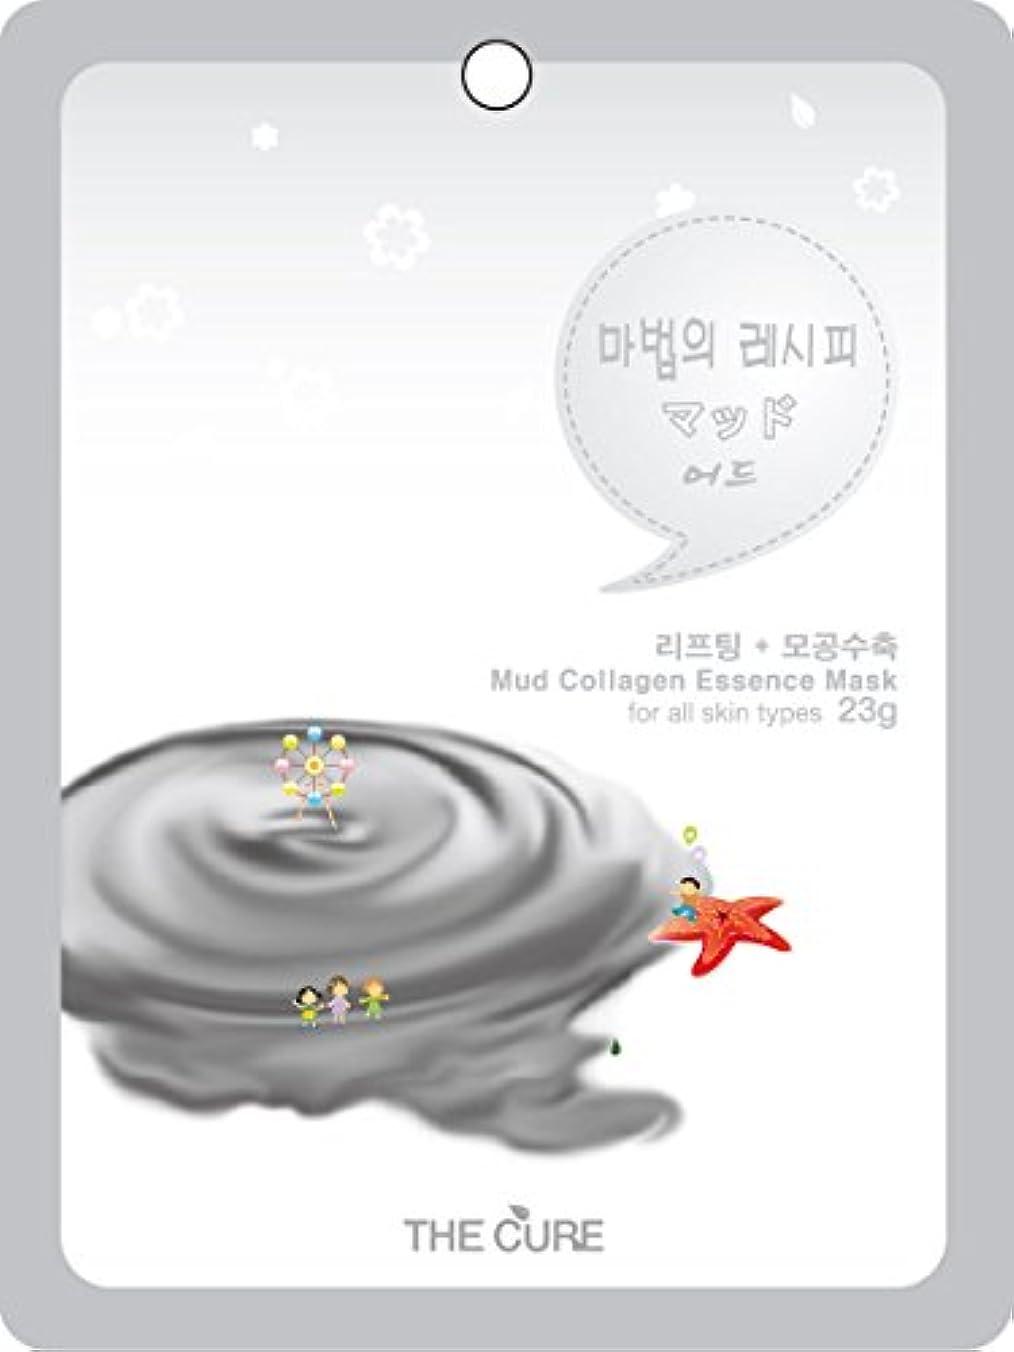 自由代表してターゲットマッド コラーゲン エッセンス マスク THE CURE シート パック 100枚セット 韓国 コスメ 乾燥肌 オイリー肌 混合肌